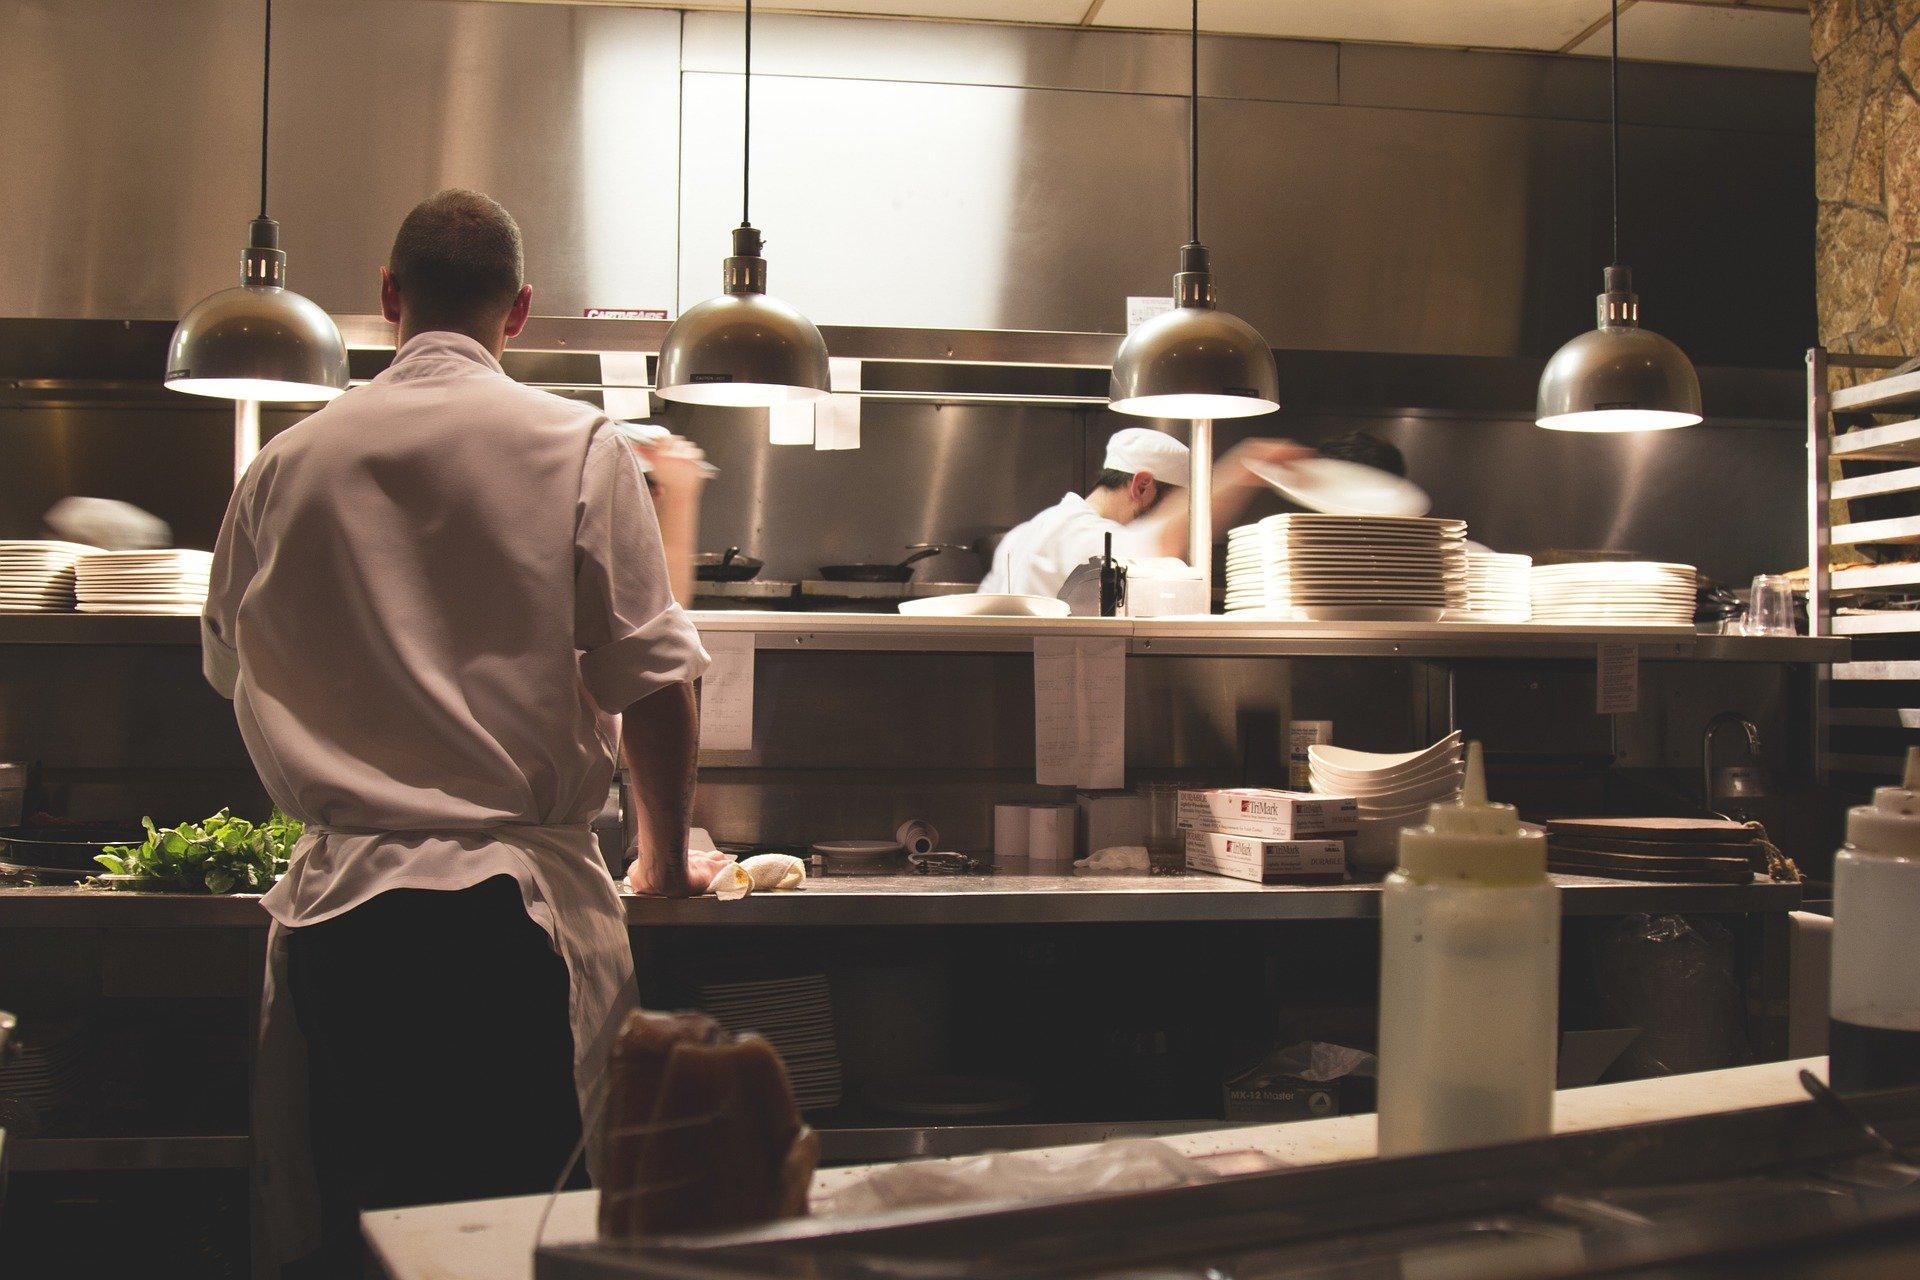 L'utilità degli abbattitori professionali nella ristorazione